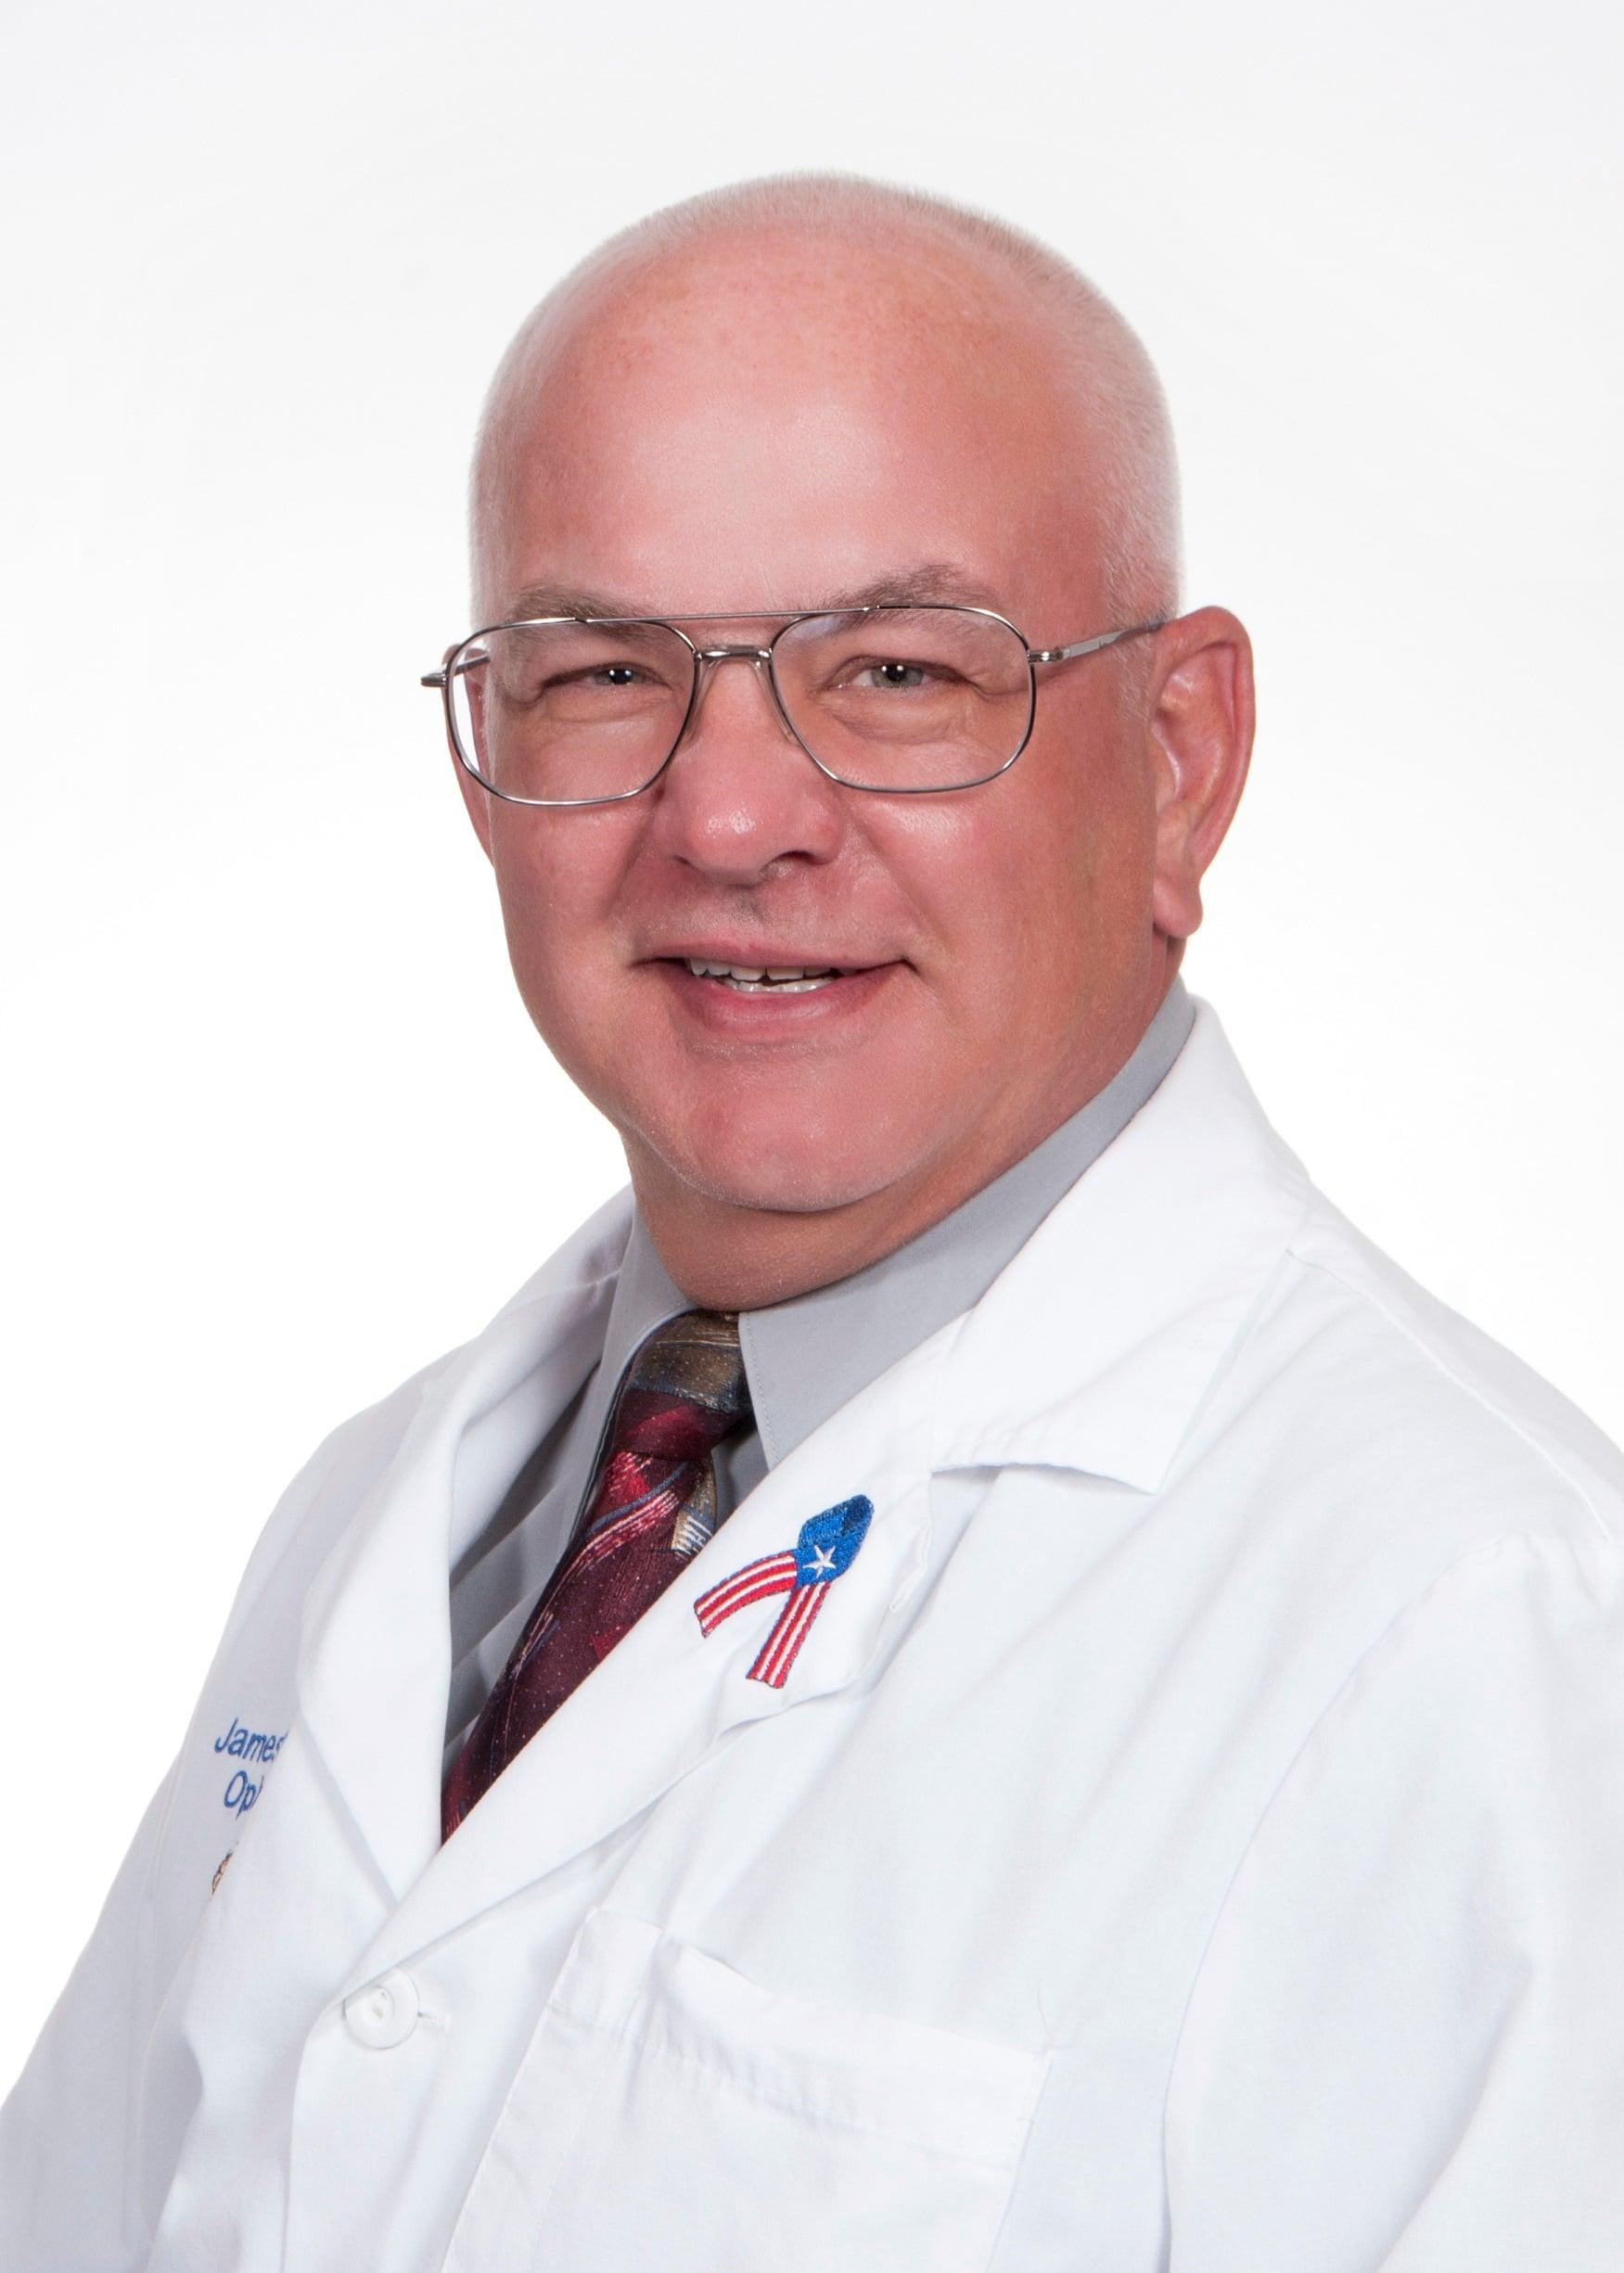 Dr. James K Kreter MD